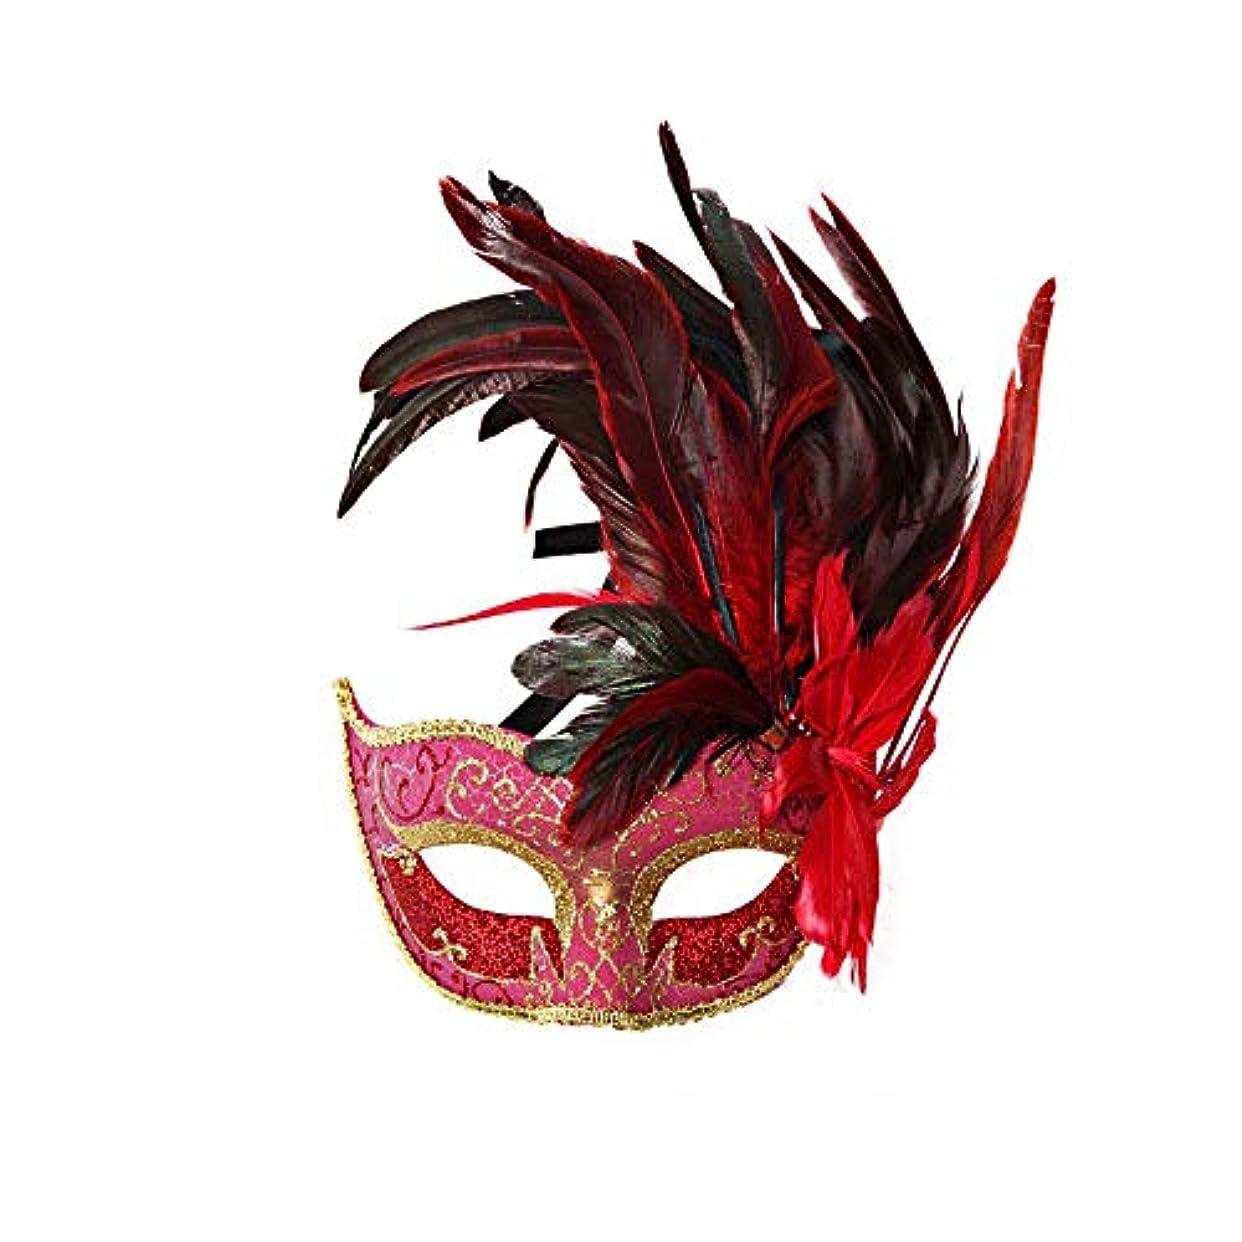 ホステル立法母性Nanle ハロウィンマスクハーフフェザーマスクベニスプリンセスマスク美容レース仮面ライダーコスプレ (色 : Style A red)